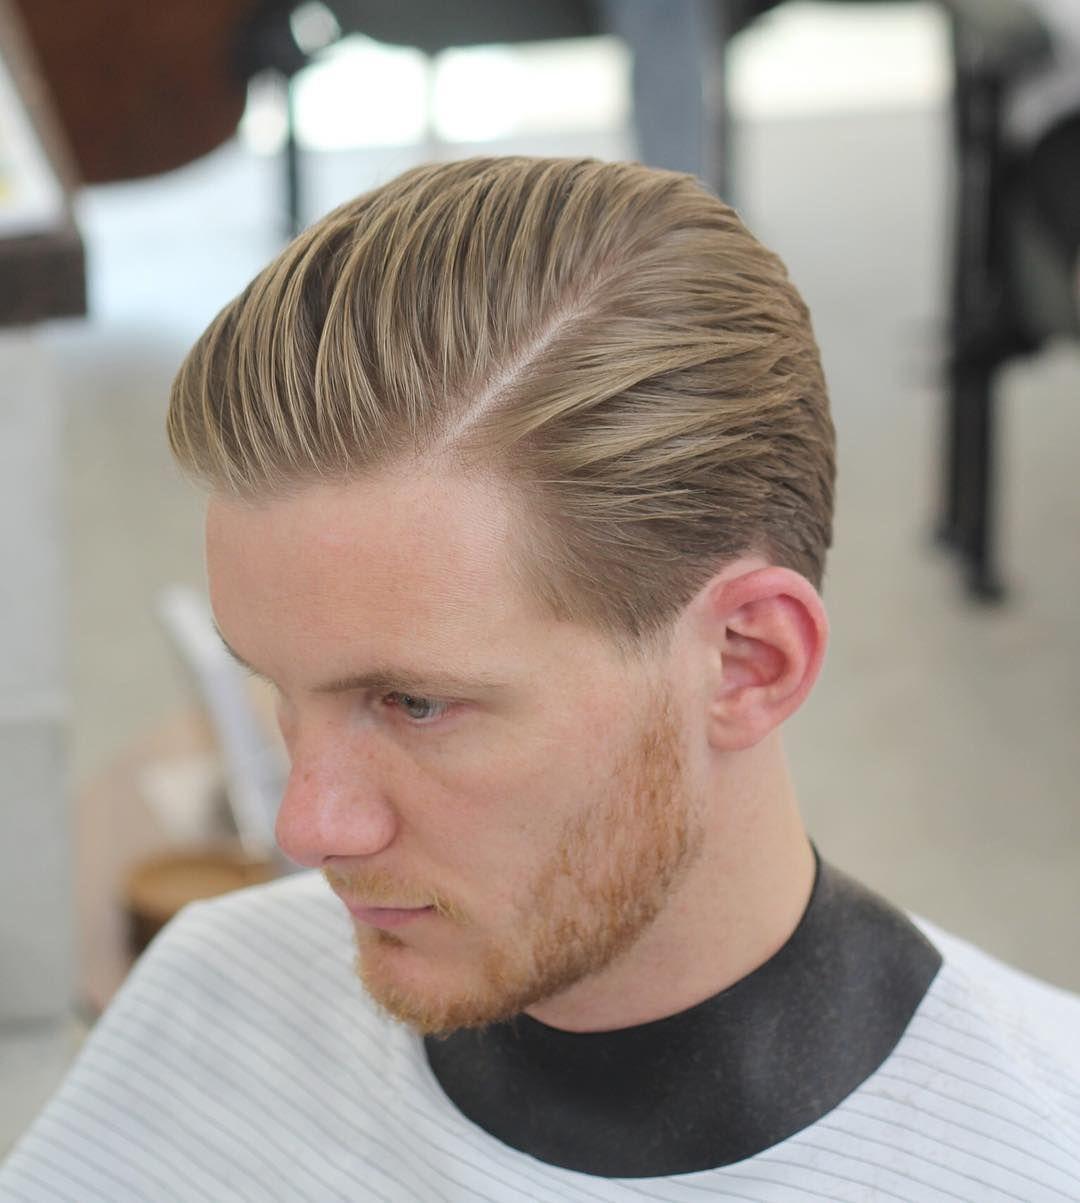 Mittellanger Haarschnitt Seitenscheitel Men S Fashion Herren